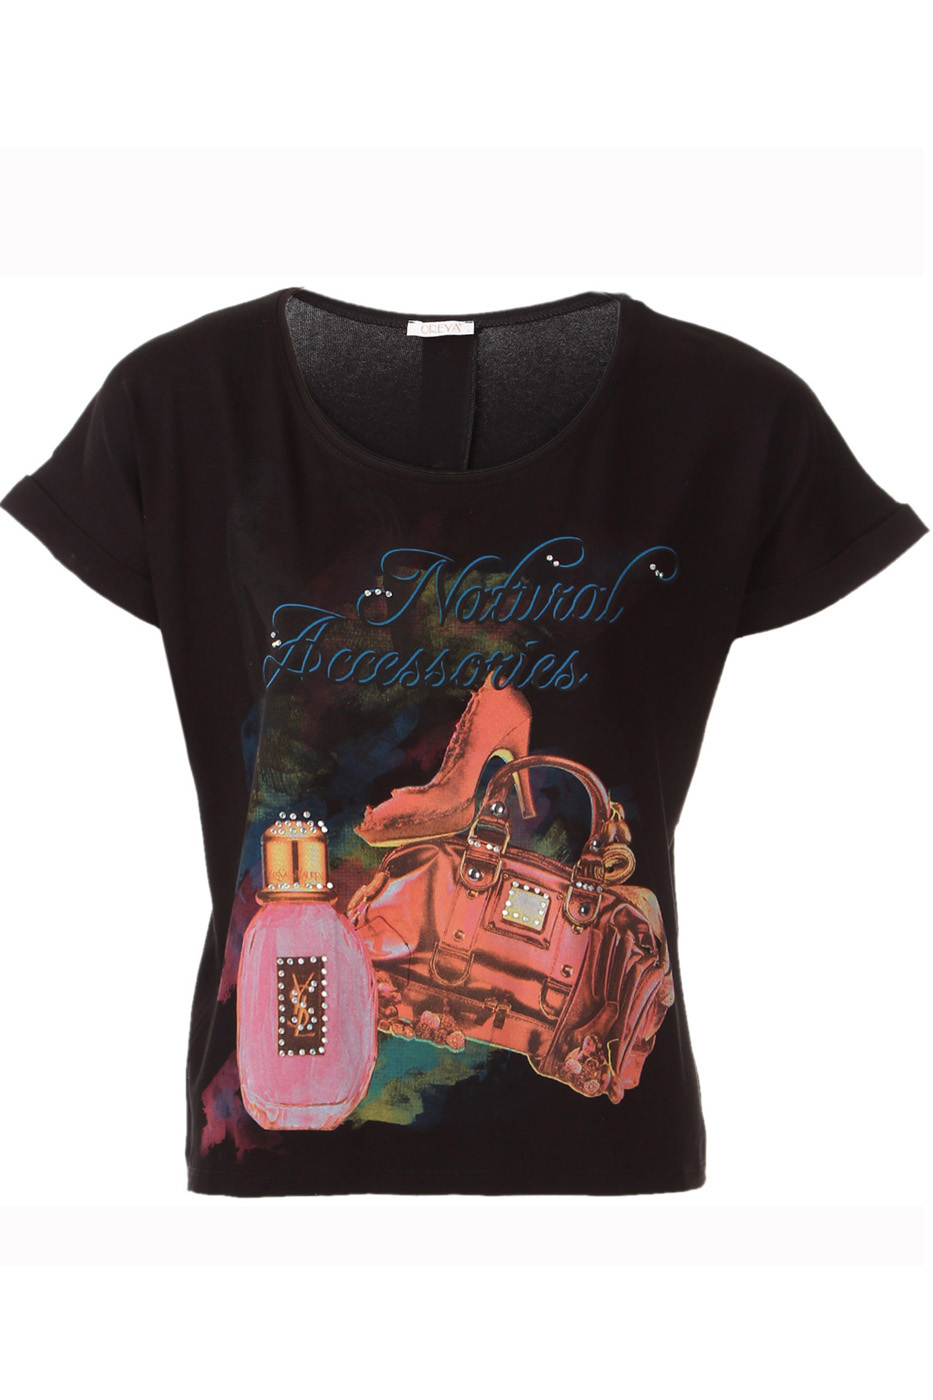 ФутболкаФутболки<br>Потрясающая футболка с элегантным узором, сзади скроена длиннее чем спереди настоящая приманка для глаз, гарантирующая стильный выход Короткий рукав и округлый вырез горловины.  Цвет: черный, мультицвет  Ростовка изделия 170 см.  Парметры изделия: 40 размер - обхват груди 74-77 см., обхват талии 60-62 см. 42 размер - обхват груди 78-81 см., обхват талии 63-65 см. 44 размер - обхват груди 82-85 см., обхват талии 66-69 см. 46 размер - обхват груди 86-89 см., обхват талии 70-73 см. 48 размер - обхват груди 90-93 см., обхват талии 74-77 см. 50 размер - обхват груди 94-97 см., обхват талии 78-81 см. 52 размер - обхват груди 98-102 см., обхват талии 82-86 см. 54 размер - обхват груди 103-107 см., обхват талии 87-91 см. 56 размер - обхват груди 108-113 см., обхват талии 92-96 см. 58/60 размер - обхват груди 114-119 см., обхват талии 97-102 см. 62 размер - обхват груди 120-125 см., обхват талии 103-108 см.<br><br>Горловина: С- горловина<br>По материалу: Вискоза,Трикотаж<br>По рисунку: С принтом,Цветные<br>По сезону: Весна,Всесезон,Зима,Лето,Осень<br>По силуэту: Полуприталенные<br>По стилю: Повседневный стиль<br>По элементам: С фигурным низом<br>Рукав: Короткий рукав<br>Размер : 48,50<br>Материал: Вискоза<br>Количество в наличии: 2